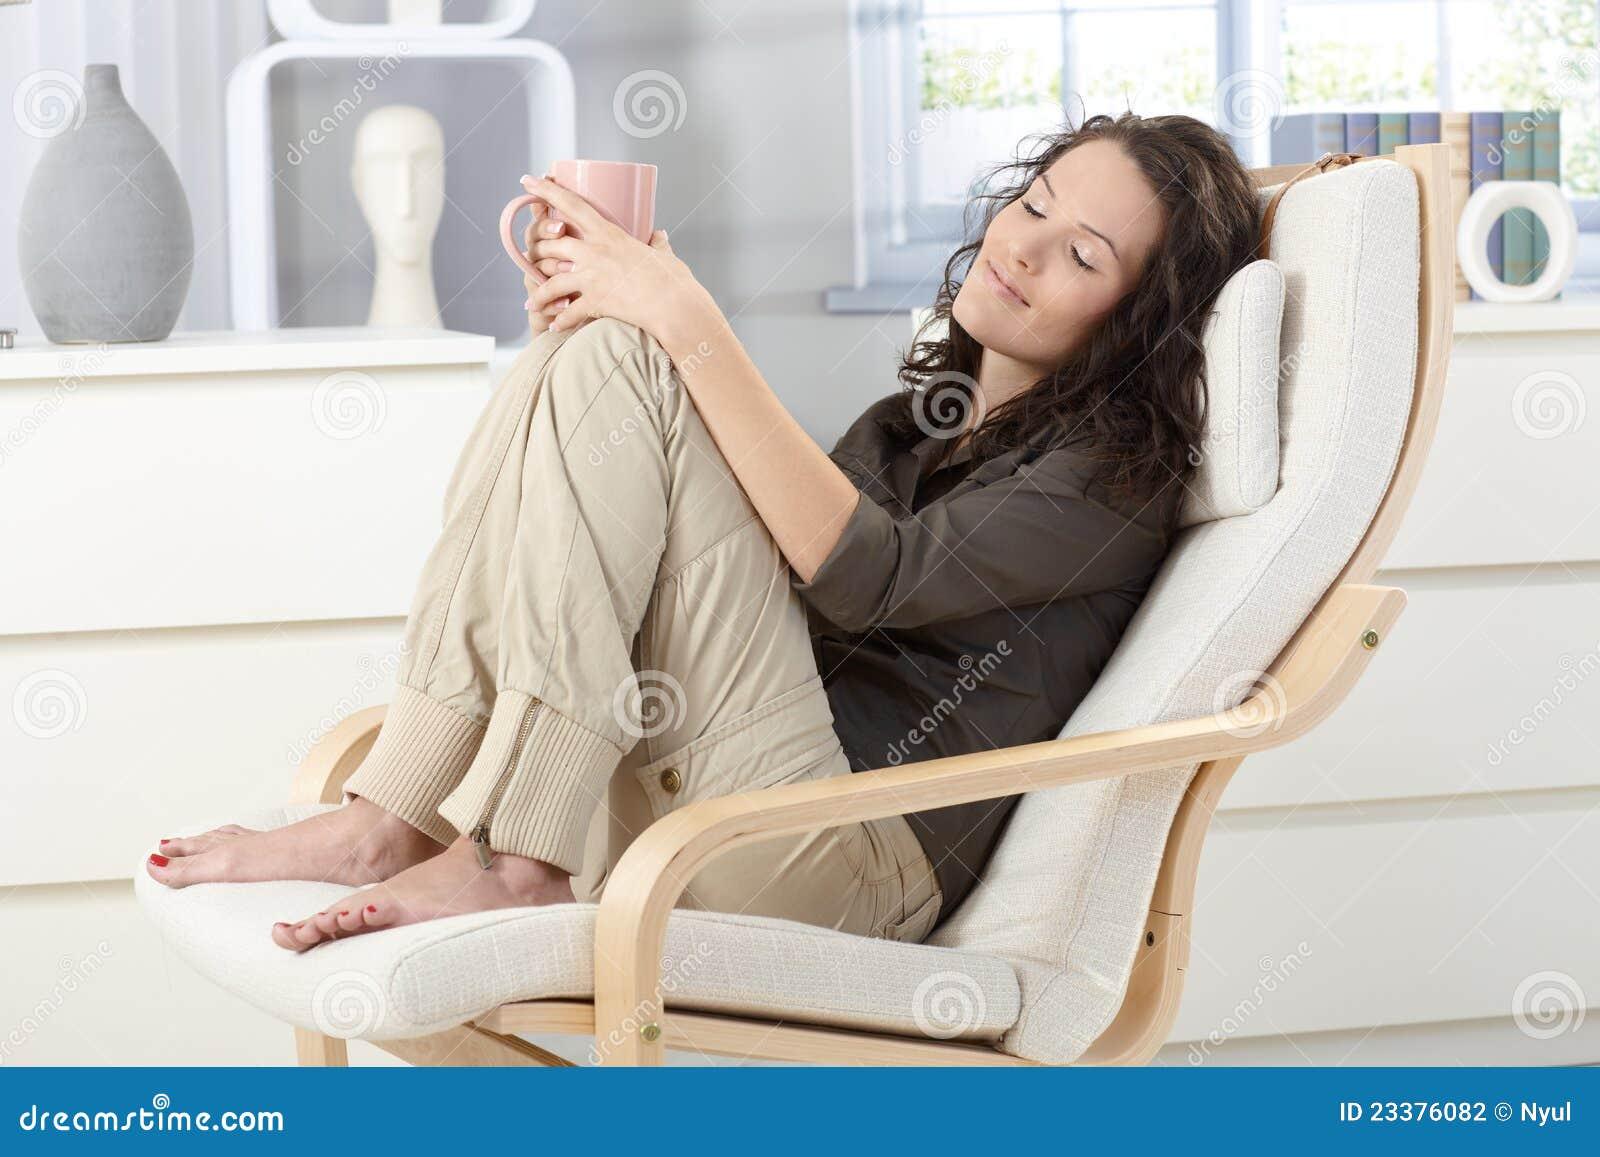 Расслабленные женщины фото 4 фотография